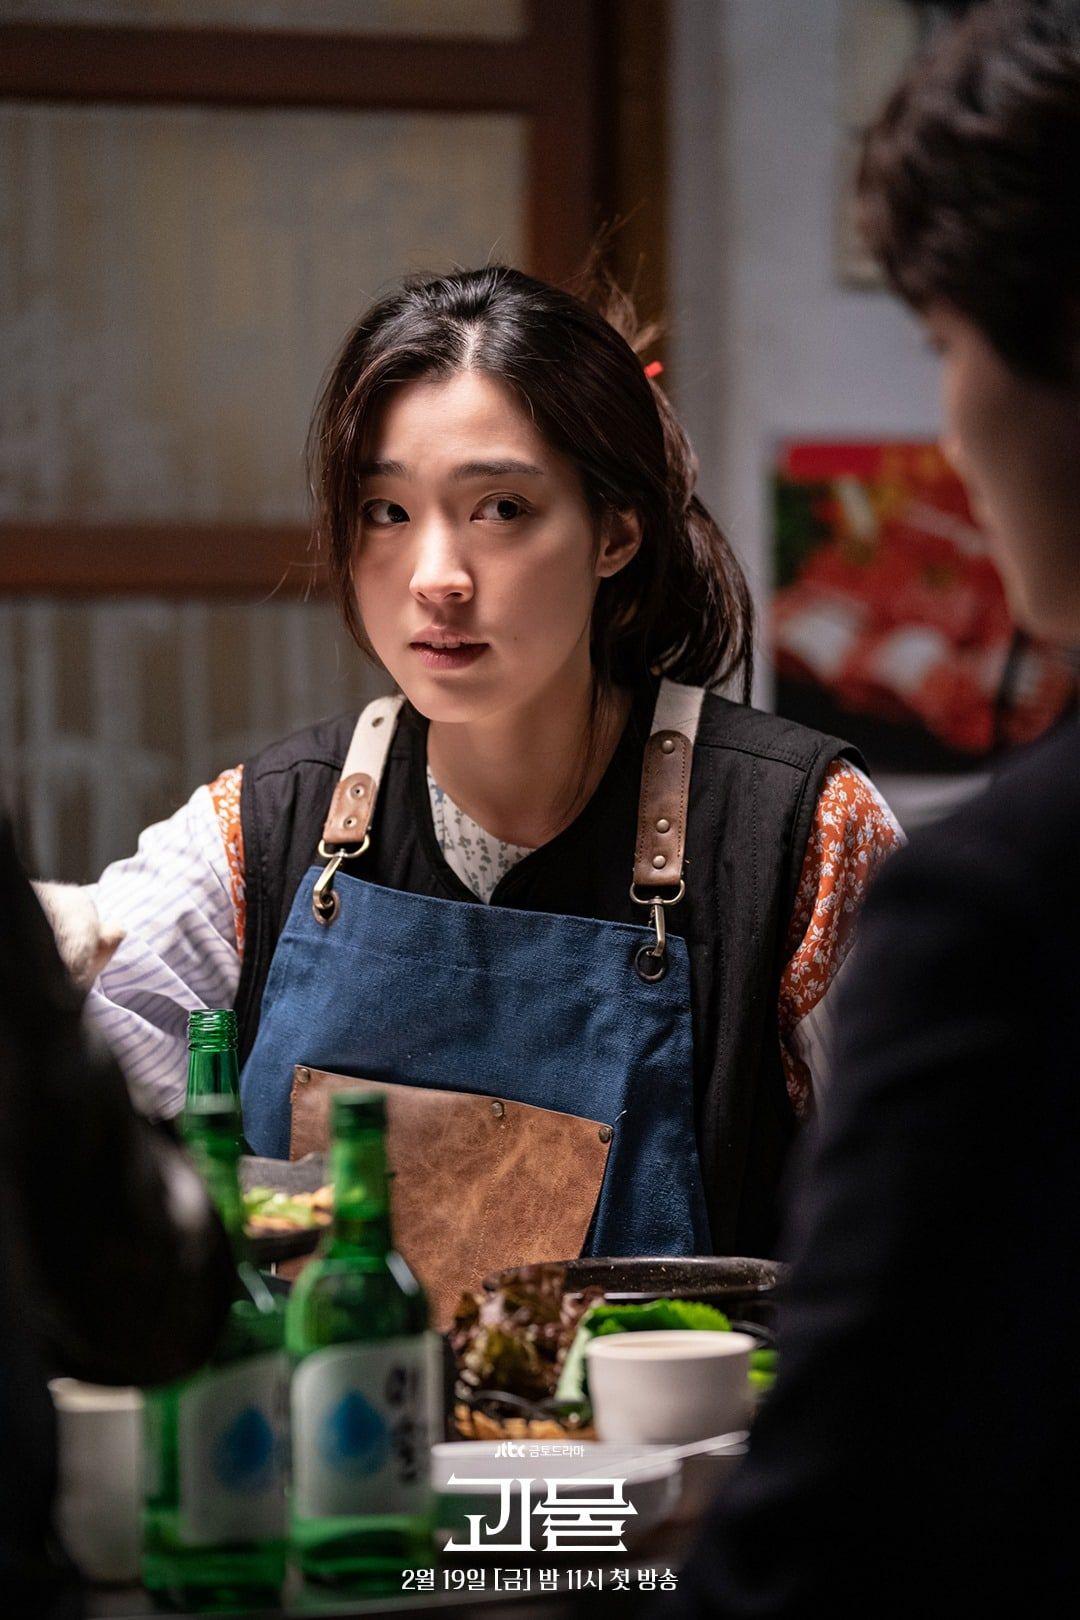 Pemain Beyond Evil, Choi Sung Eun